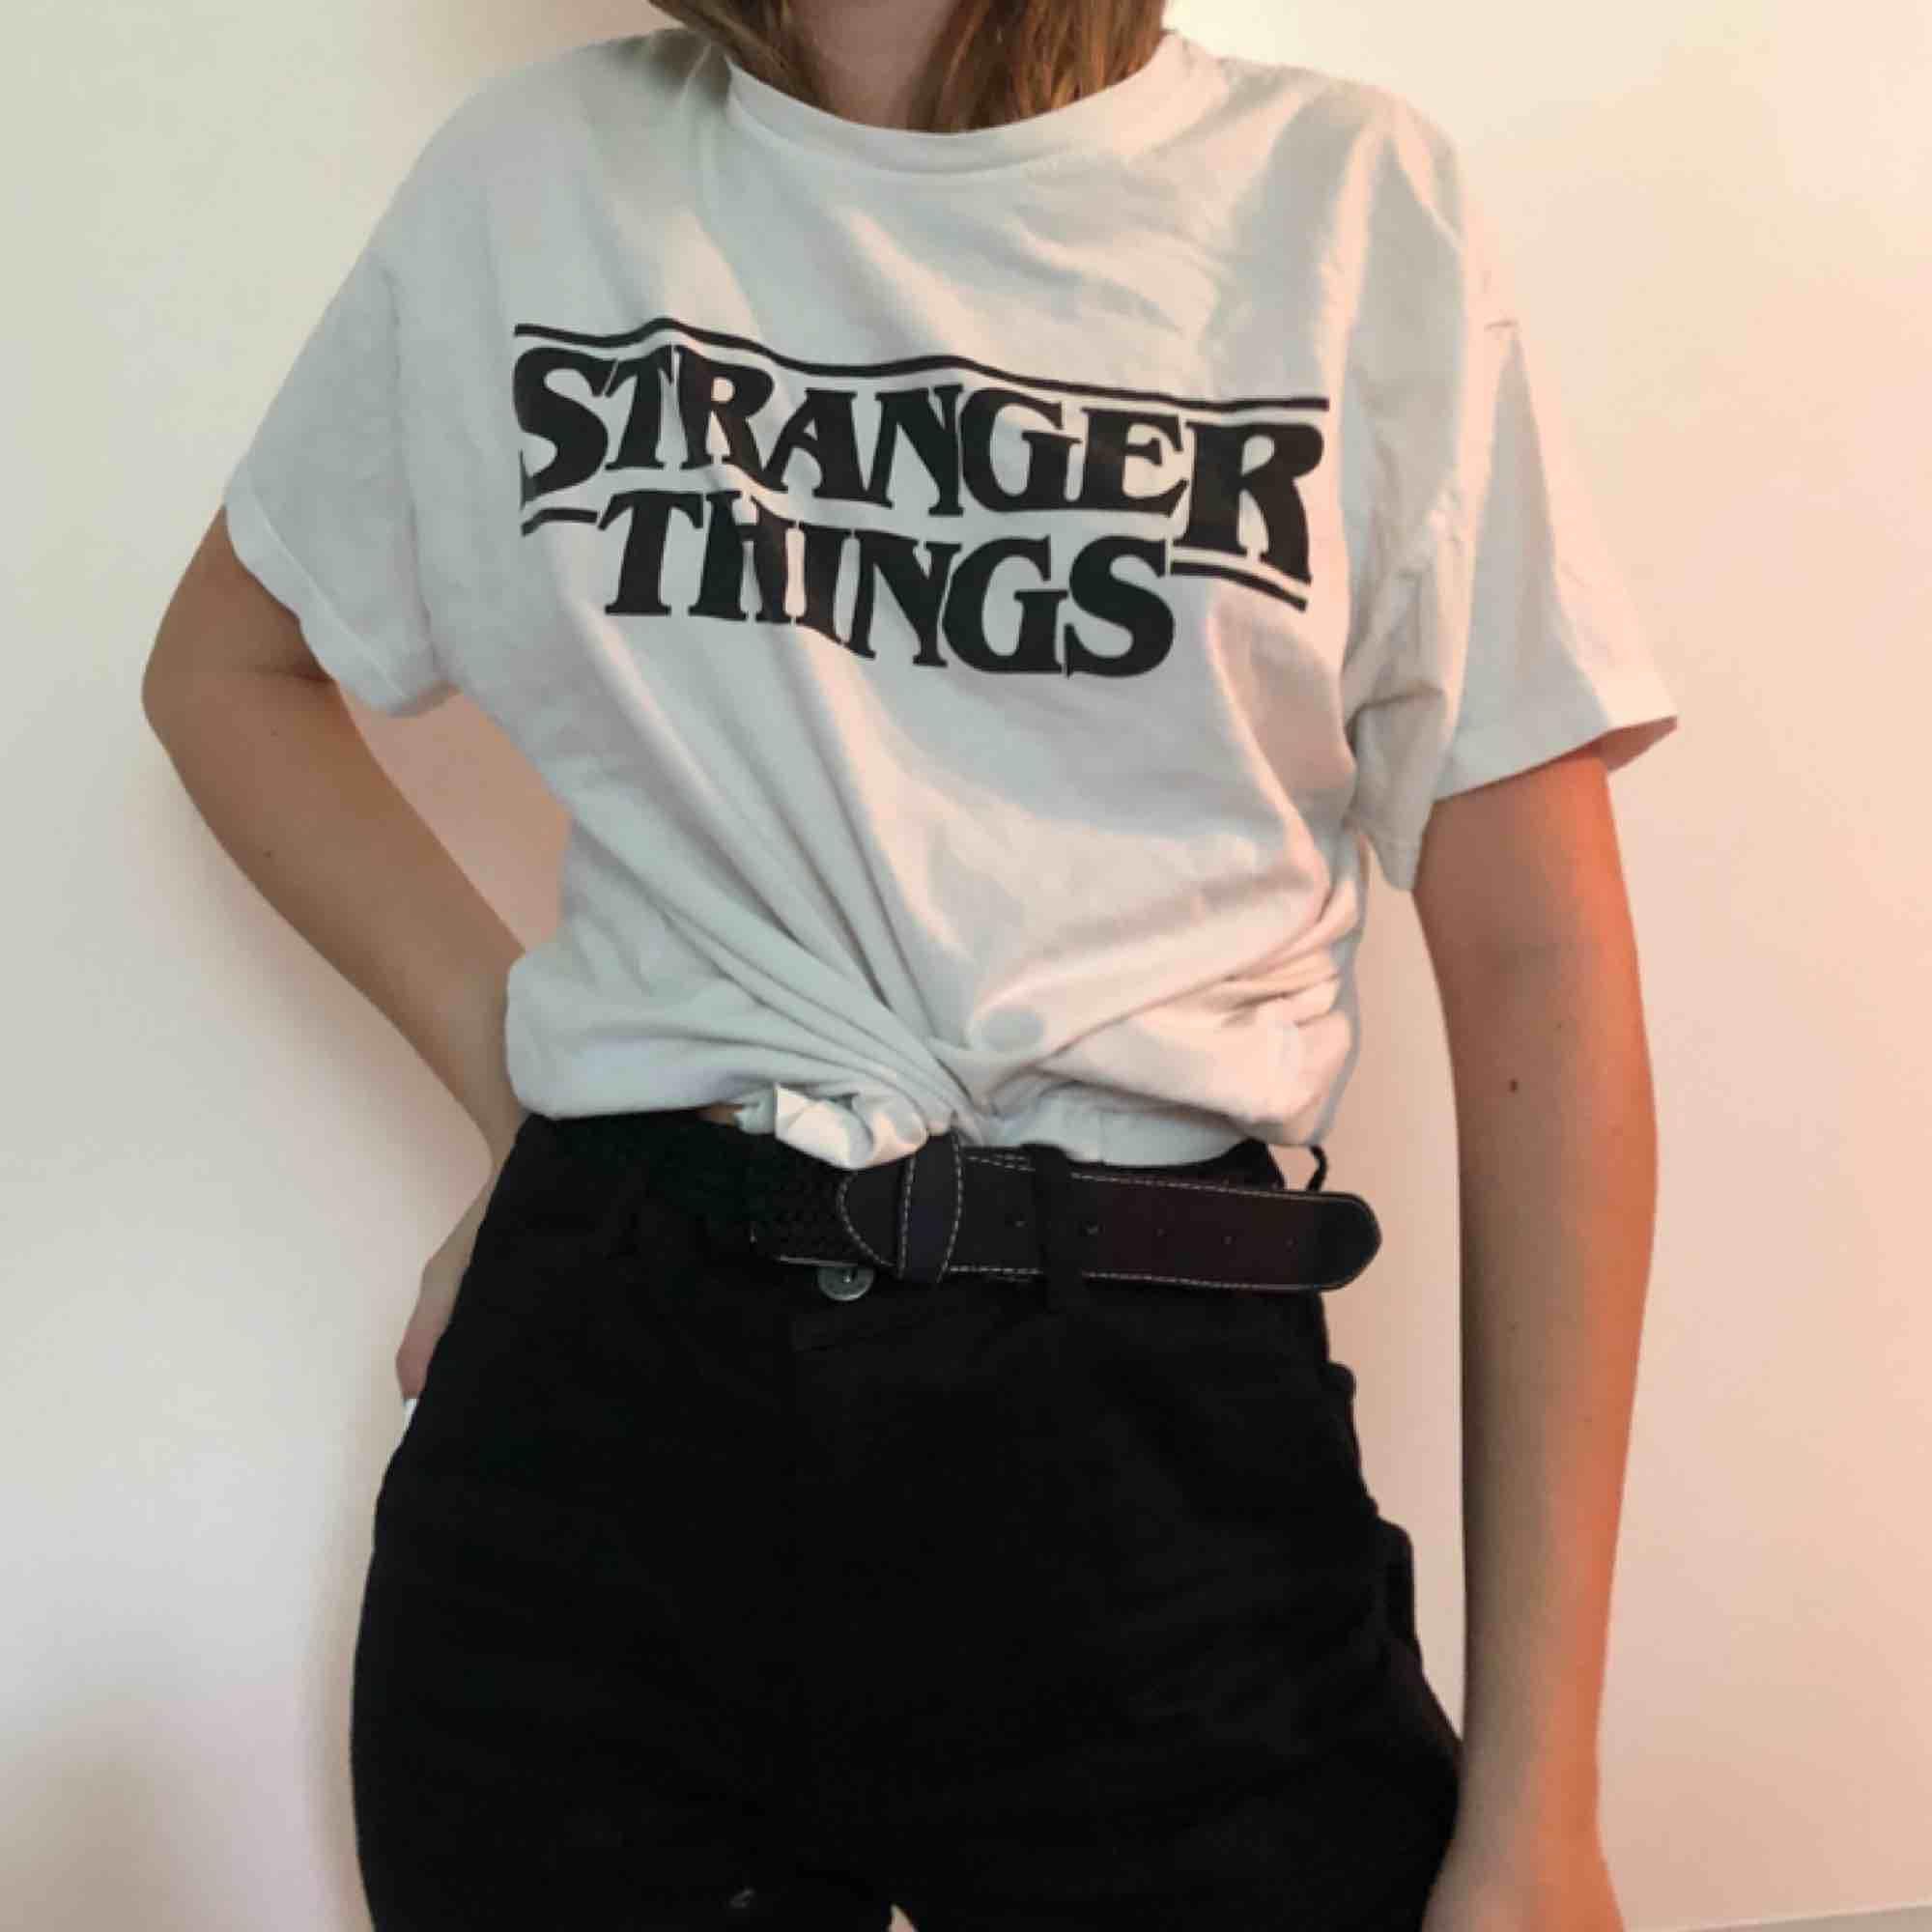 asså helt ärligt, stranger things - en av de bästa serier jag sett. oversized tröja, därför passar den många strl. . T-shirts.